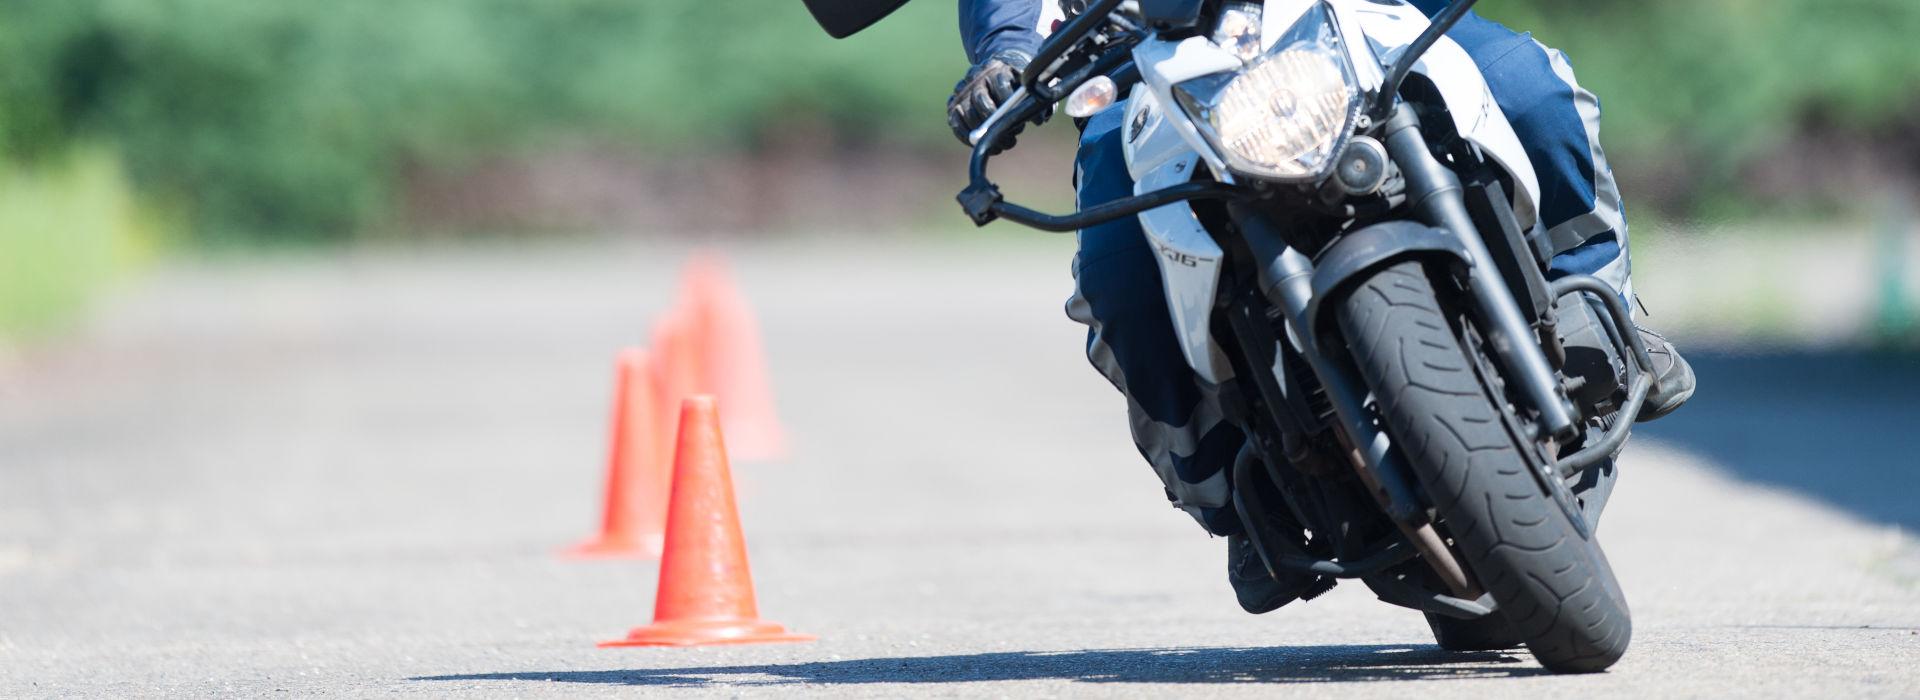 Motorrijbewijspoint Drenthe motor rijvaardigheid